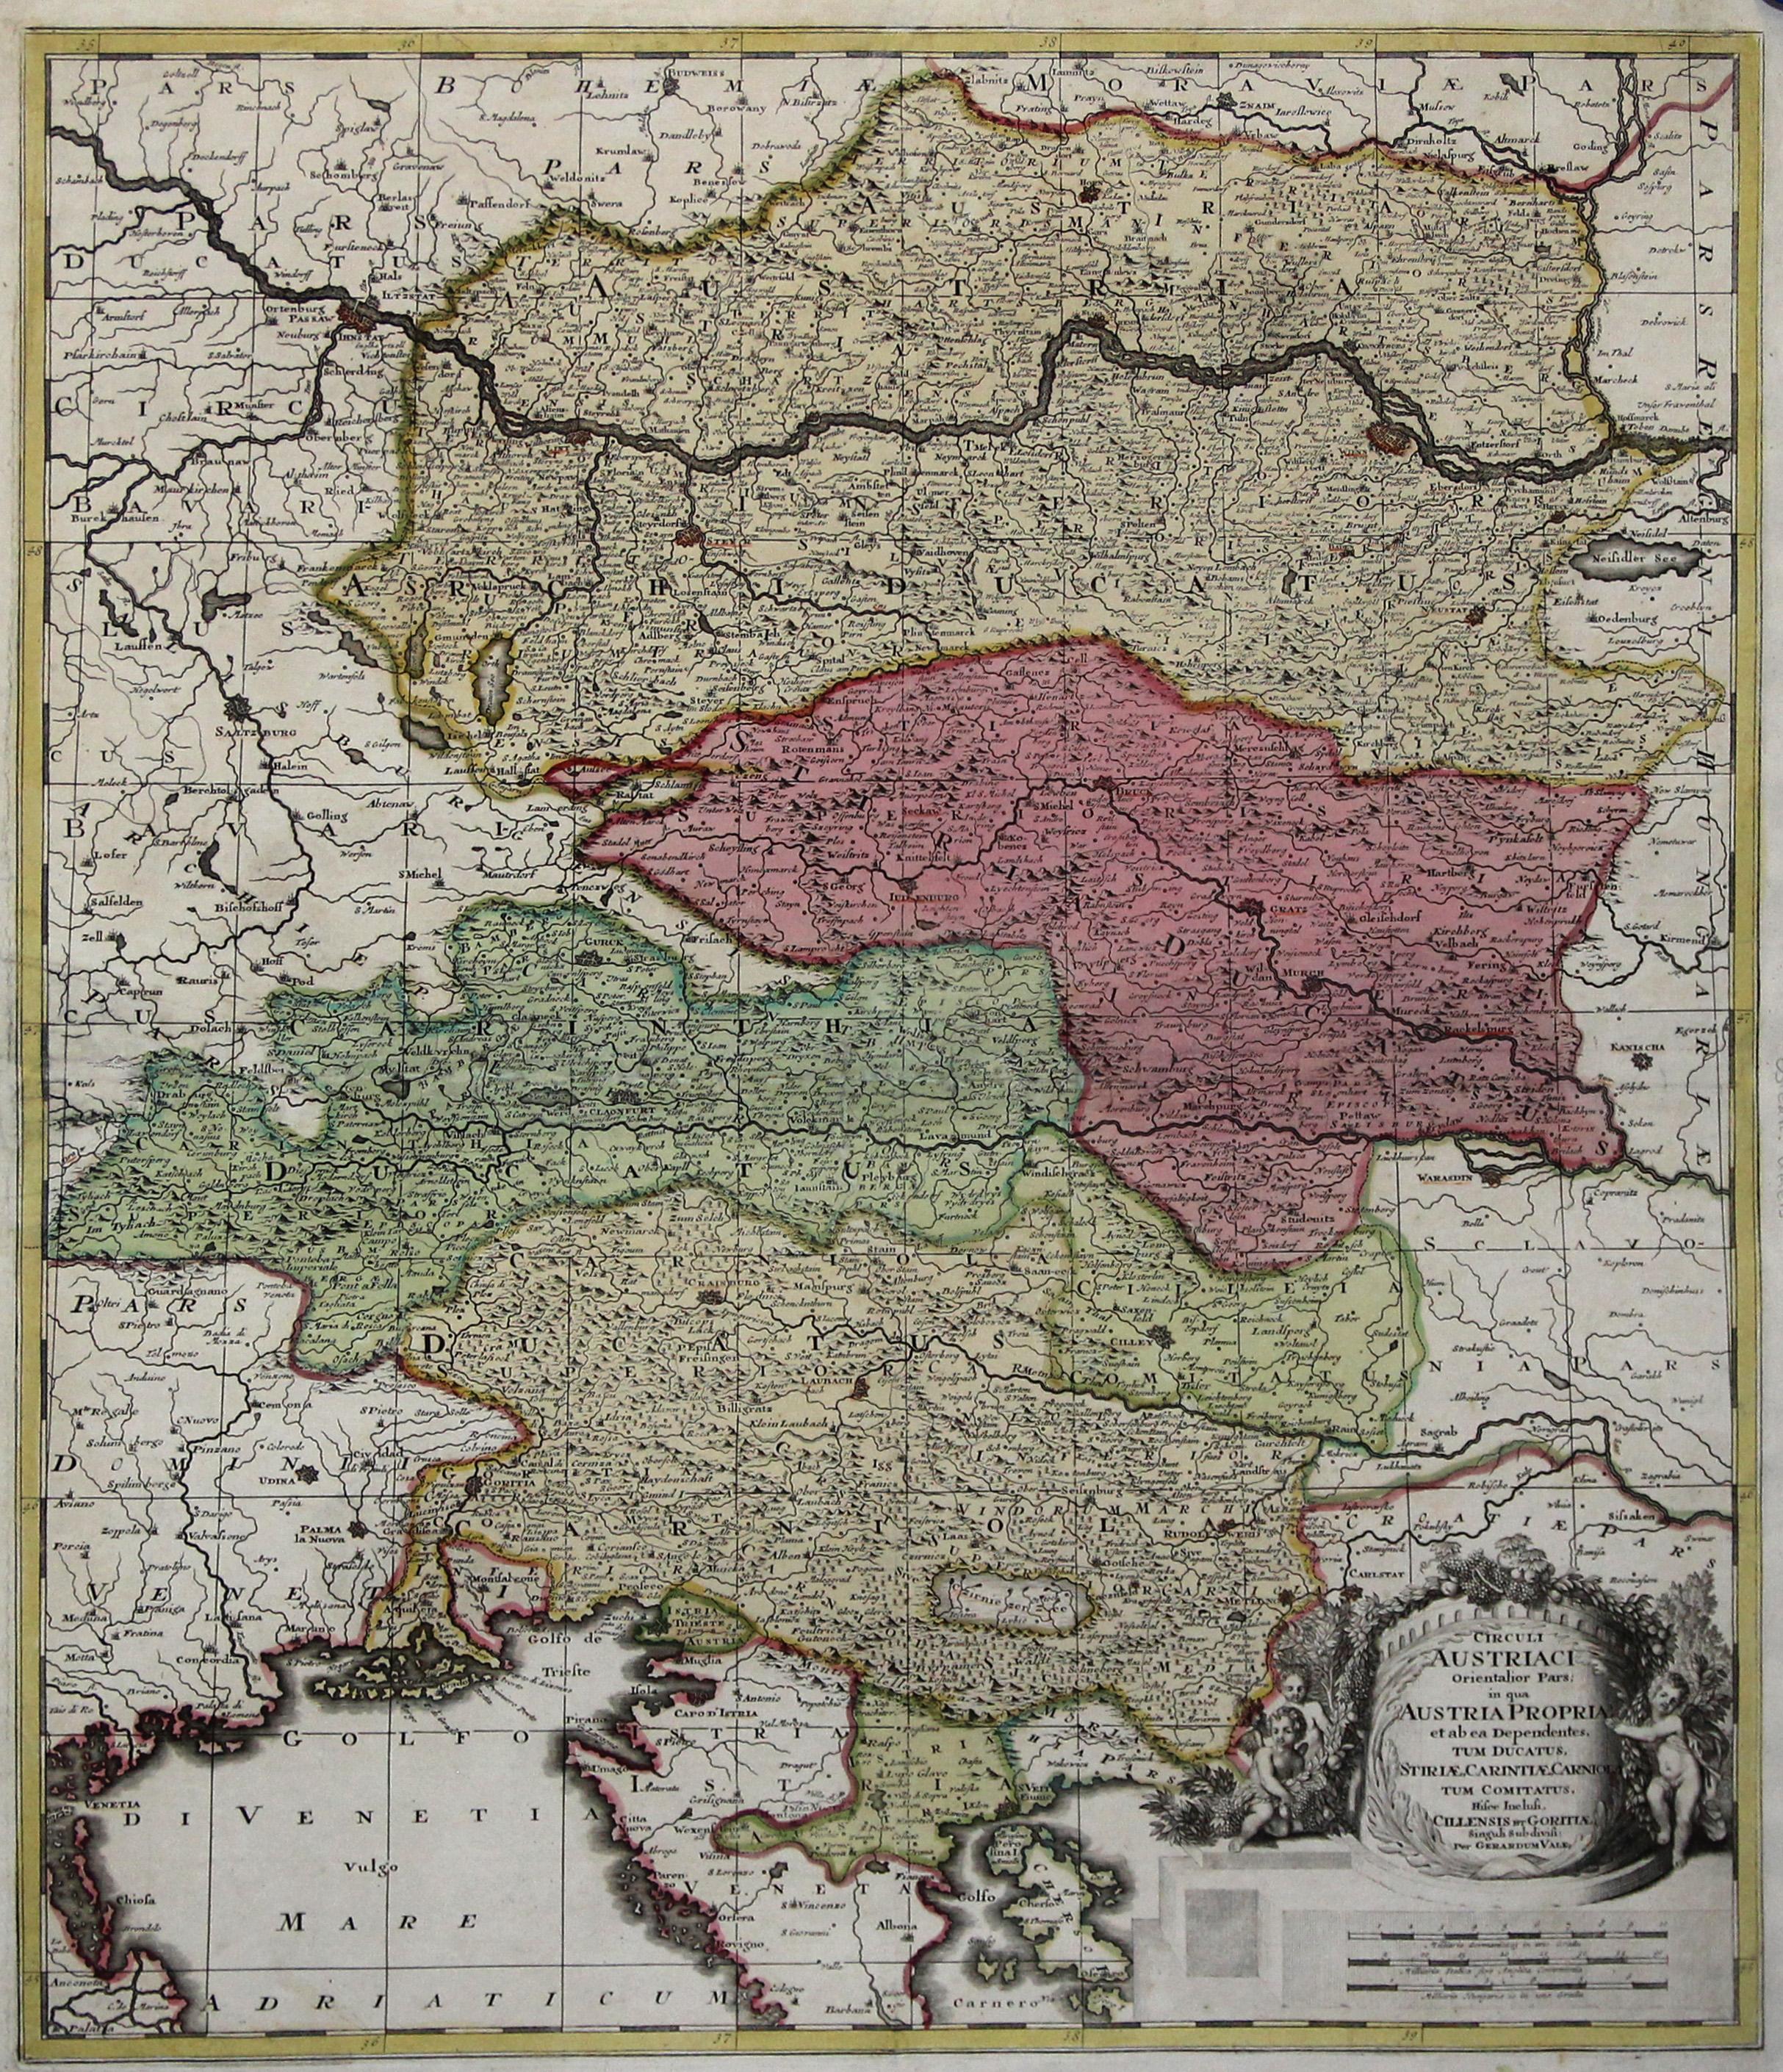 """Kst.- Karte, b. Gerh. Valk, """"Circuli Austriaci: Österreichischer Kreis:"""